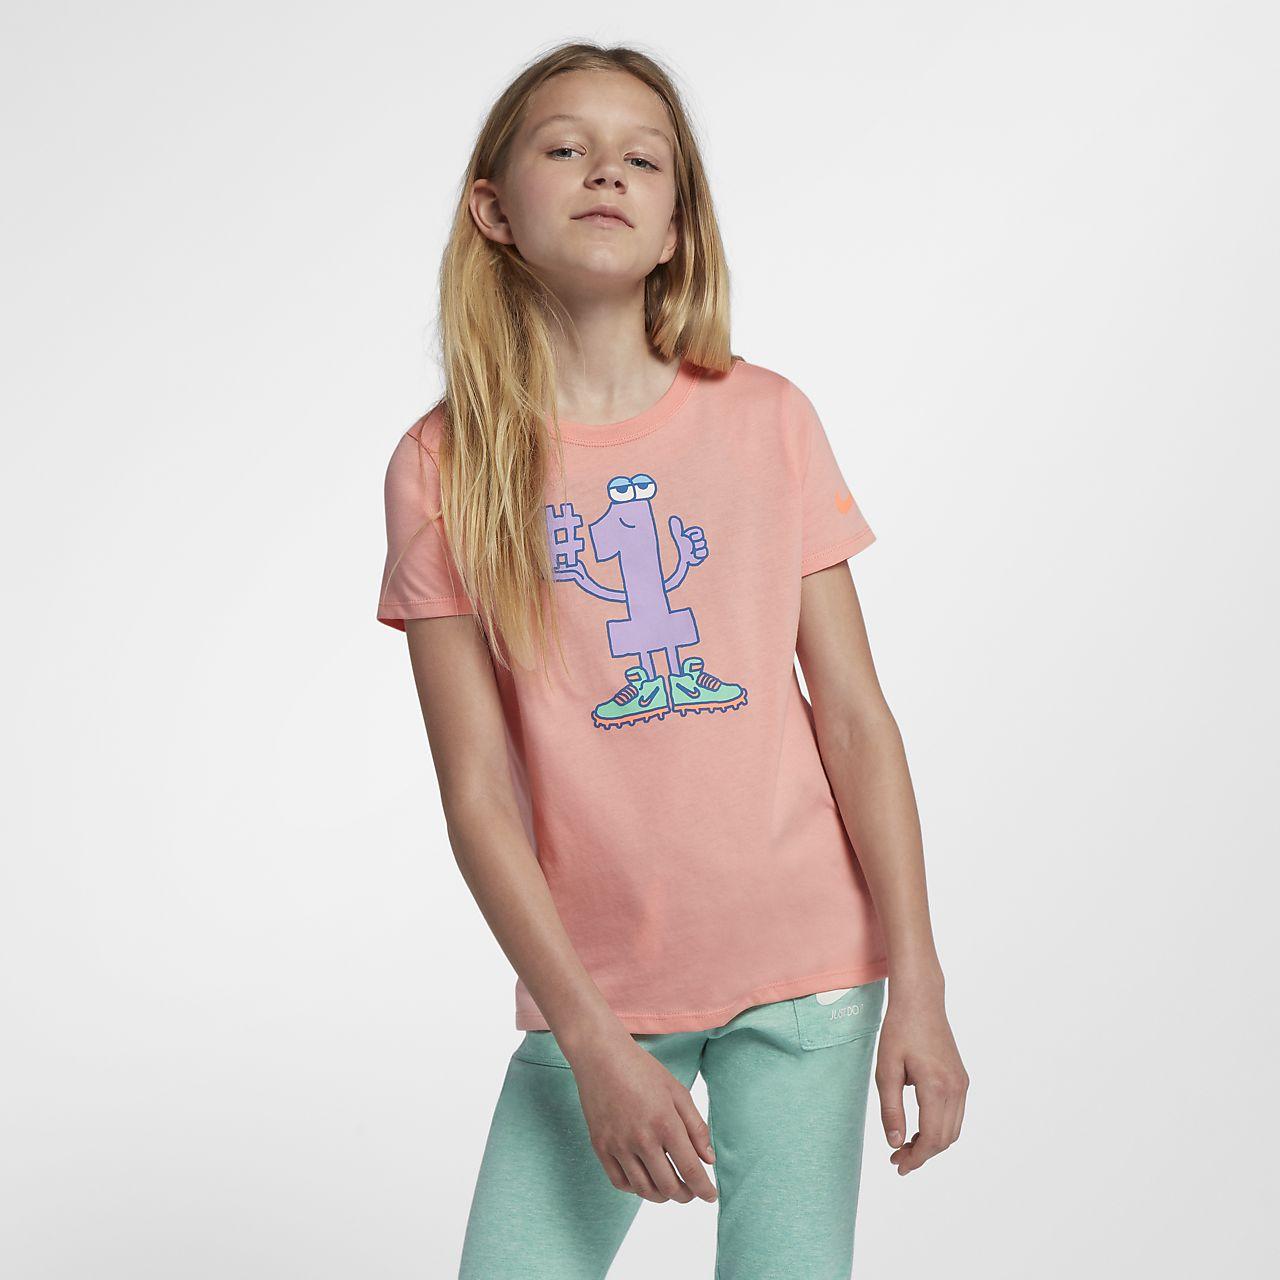 nike t-shirt mädchen pink